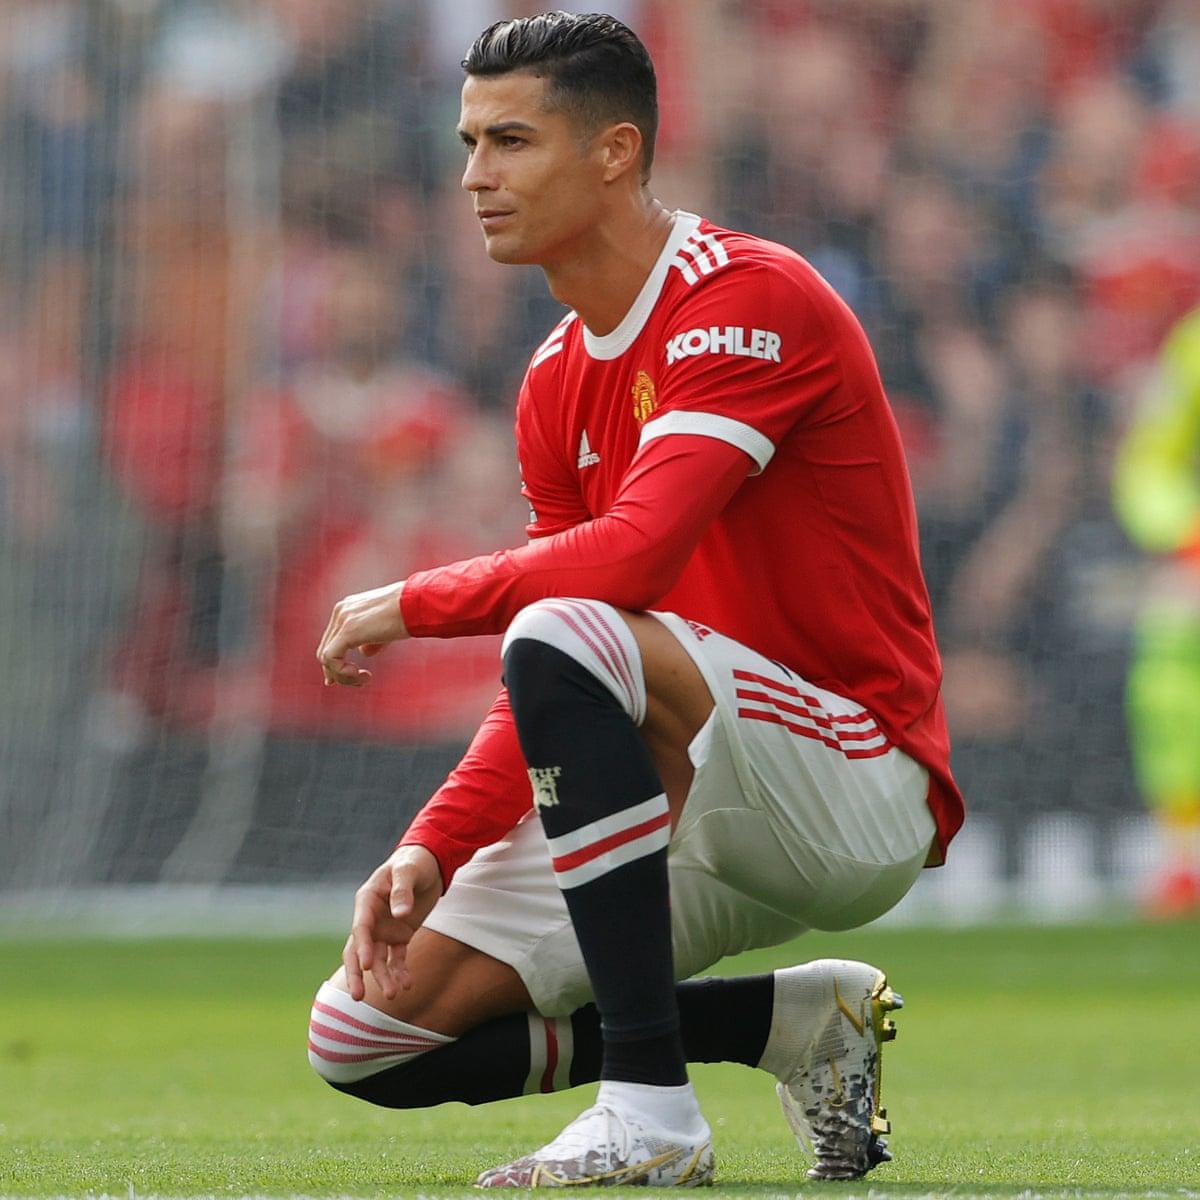 Cristiano Ronaldo'nun seyahat danışmanı tarafından 288 bin € dolandırıldığı ortaya çıktı.